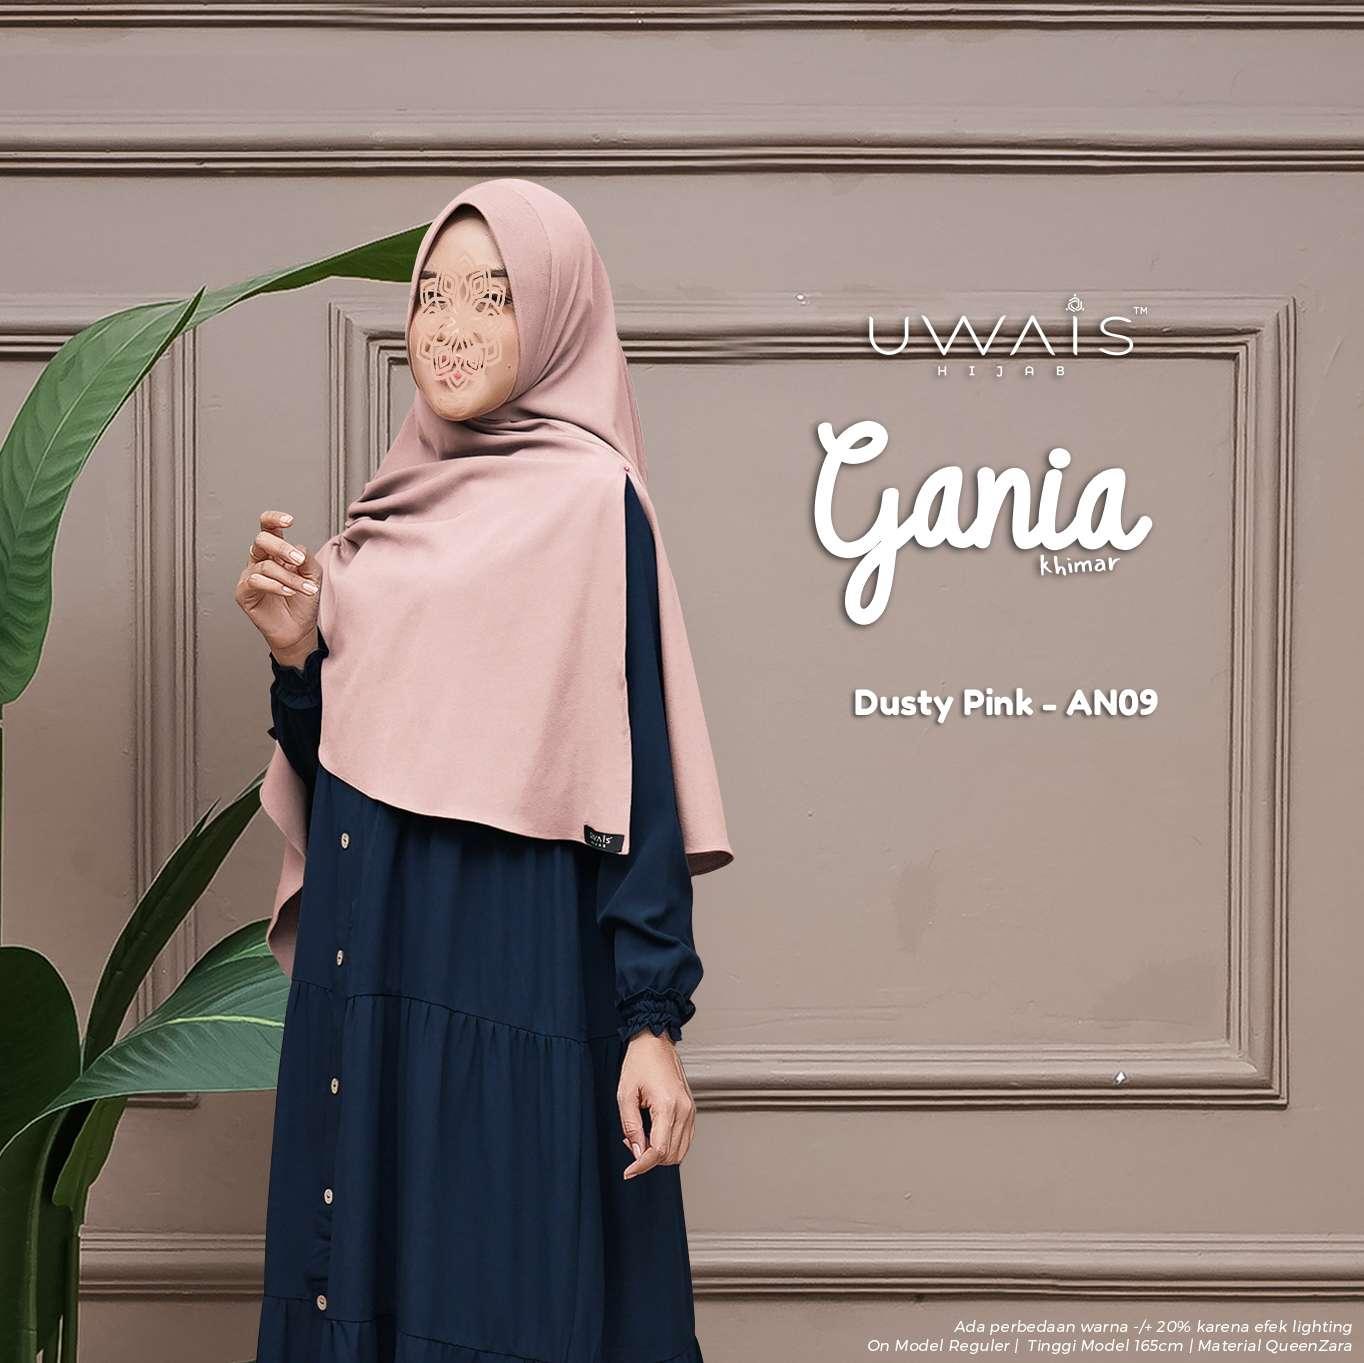 9gania_dusty_pink